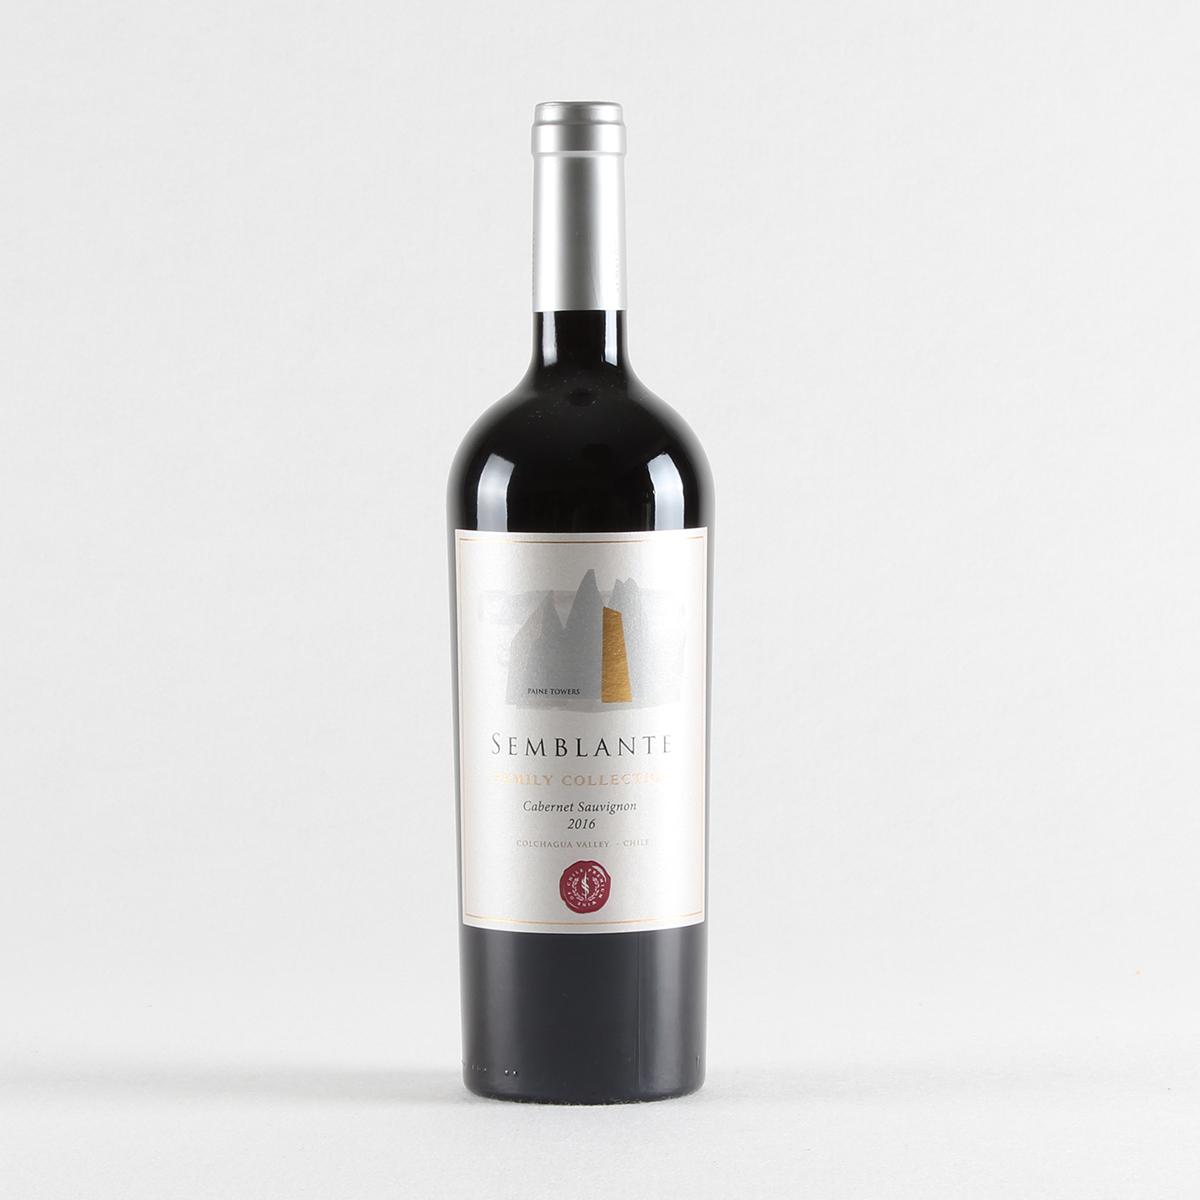 风彩赤霞珠家族珍藏干红葡萄酒